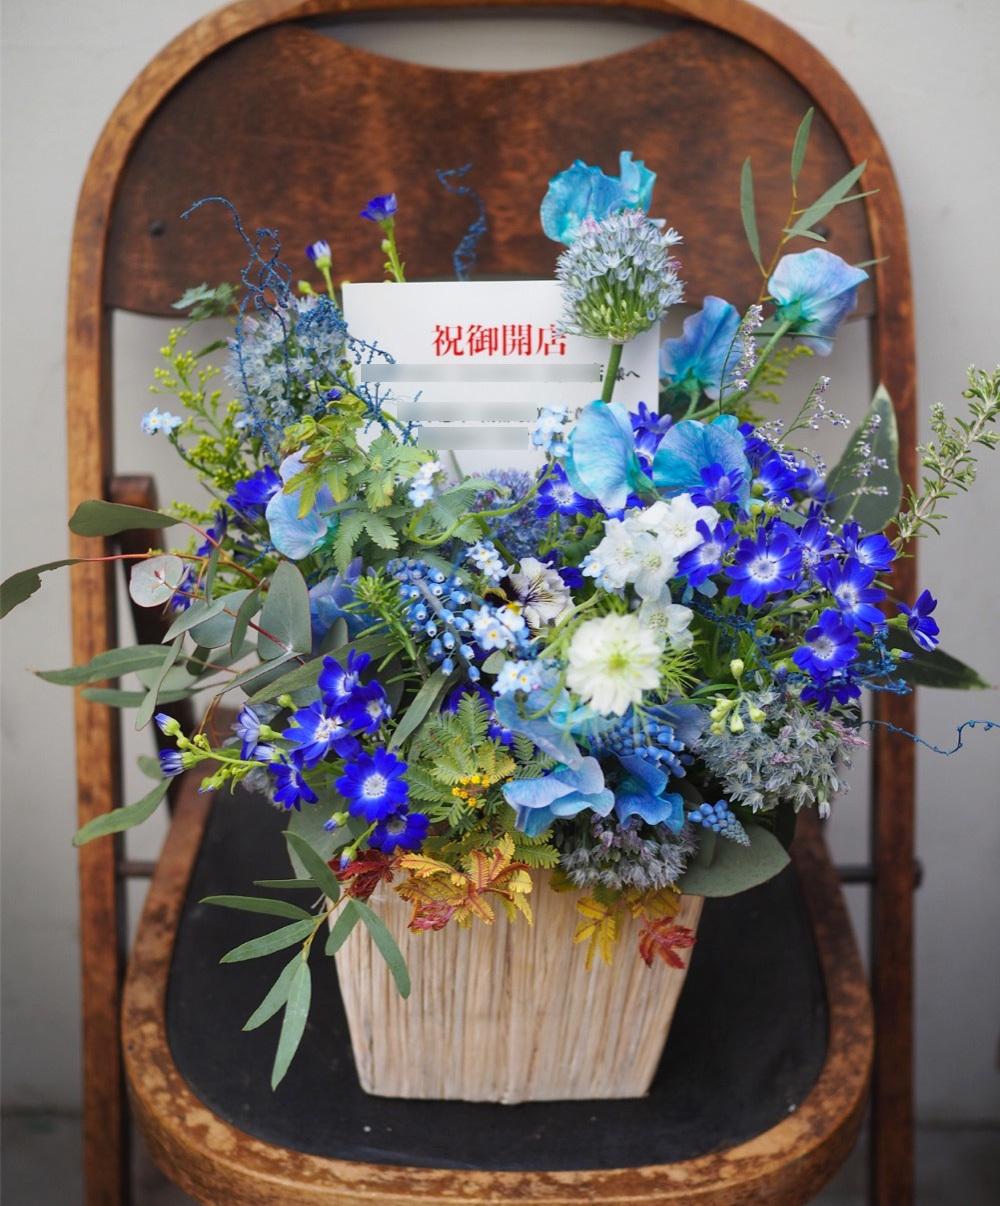 青い内装に合わせて サロン様にお届けしたご開店祝い花